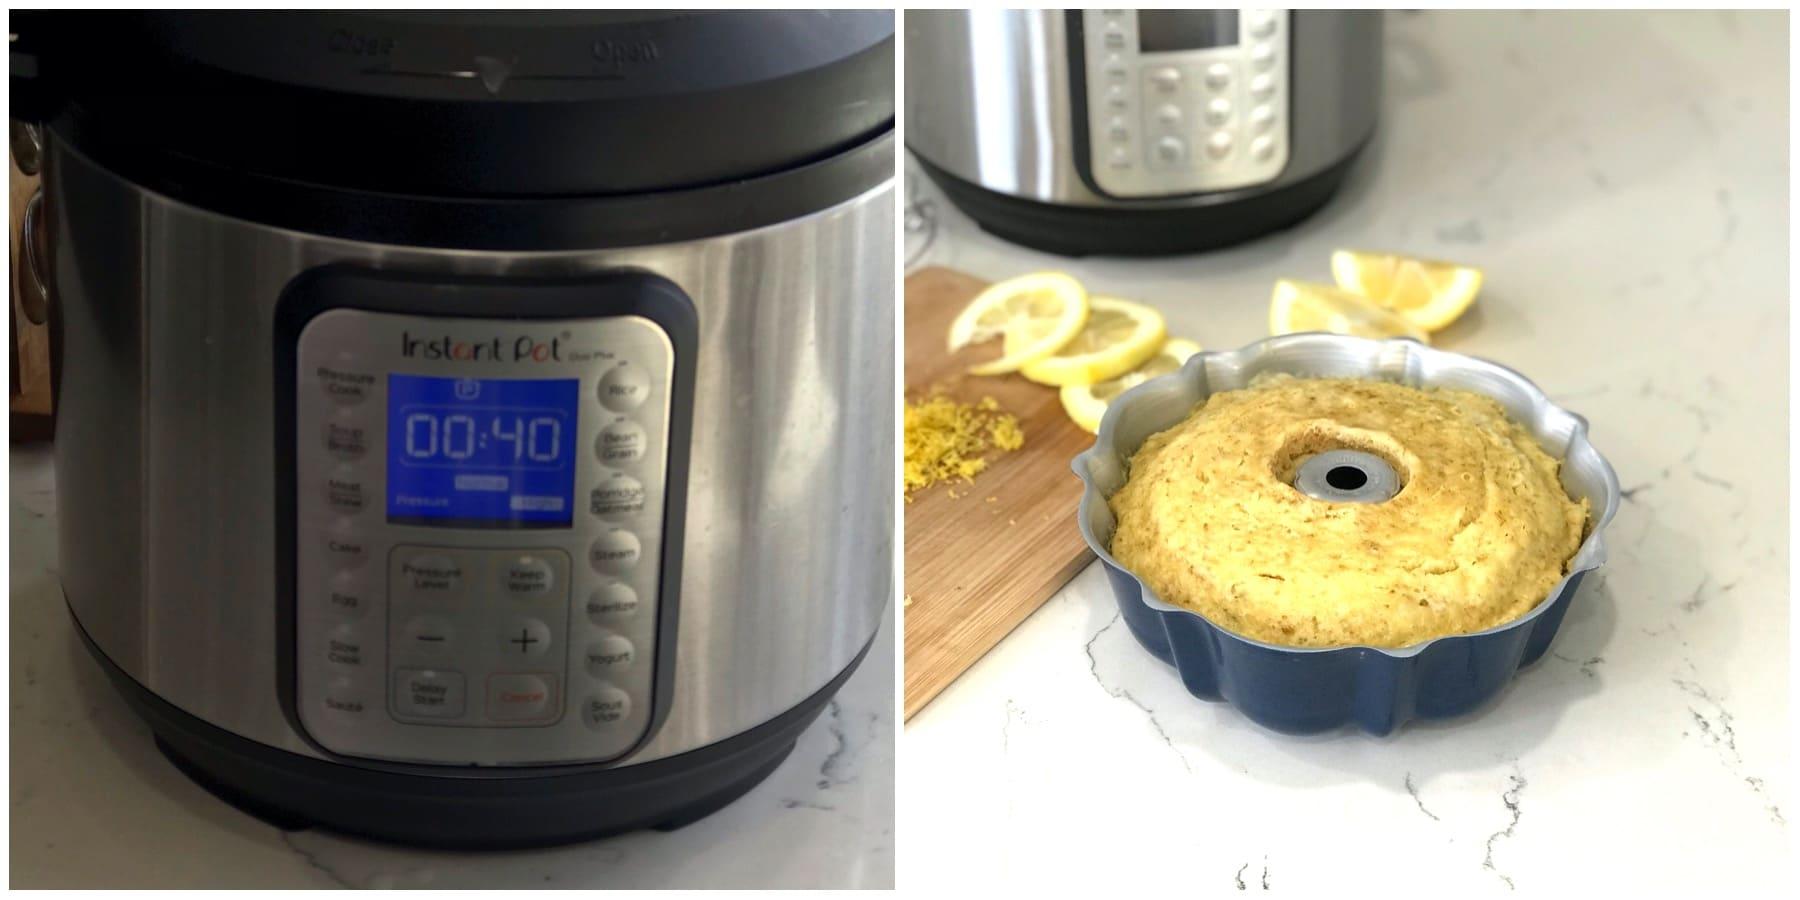 Instant pot and bundt Cake and sliced Lemon